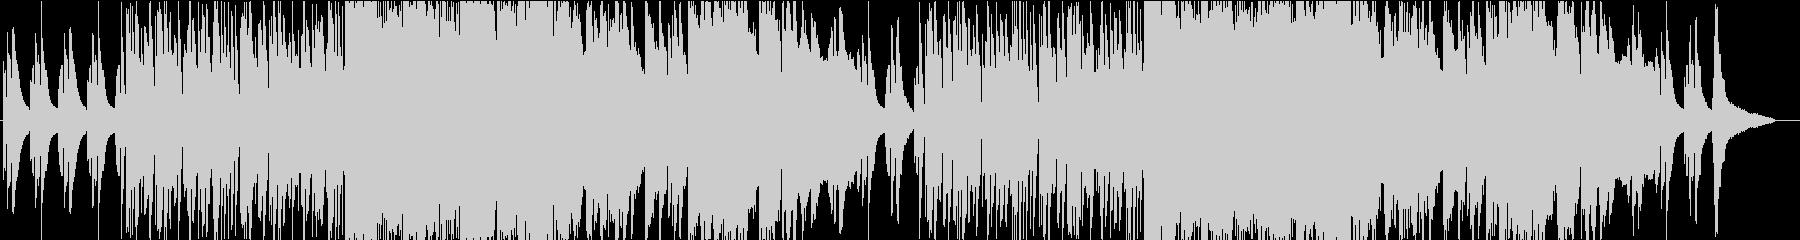 ピアノとサックスがおしゃれなBGMの未再生の波形